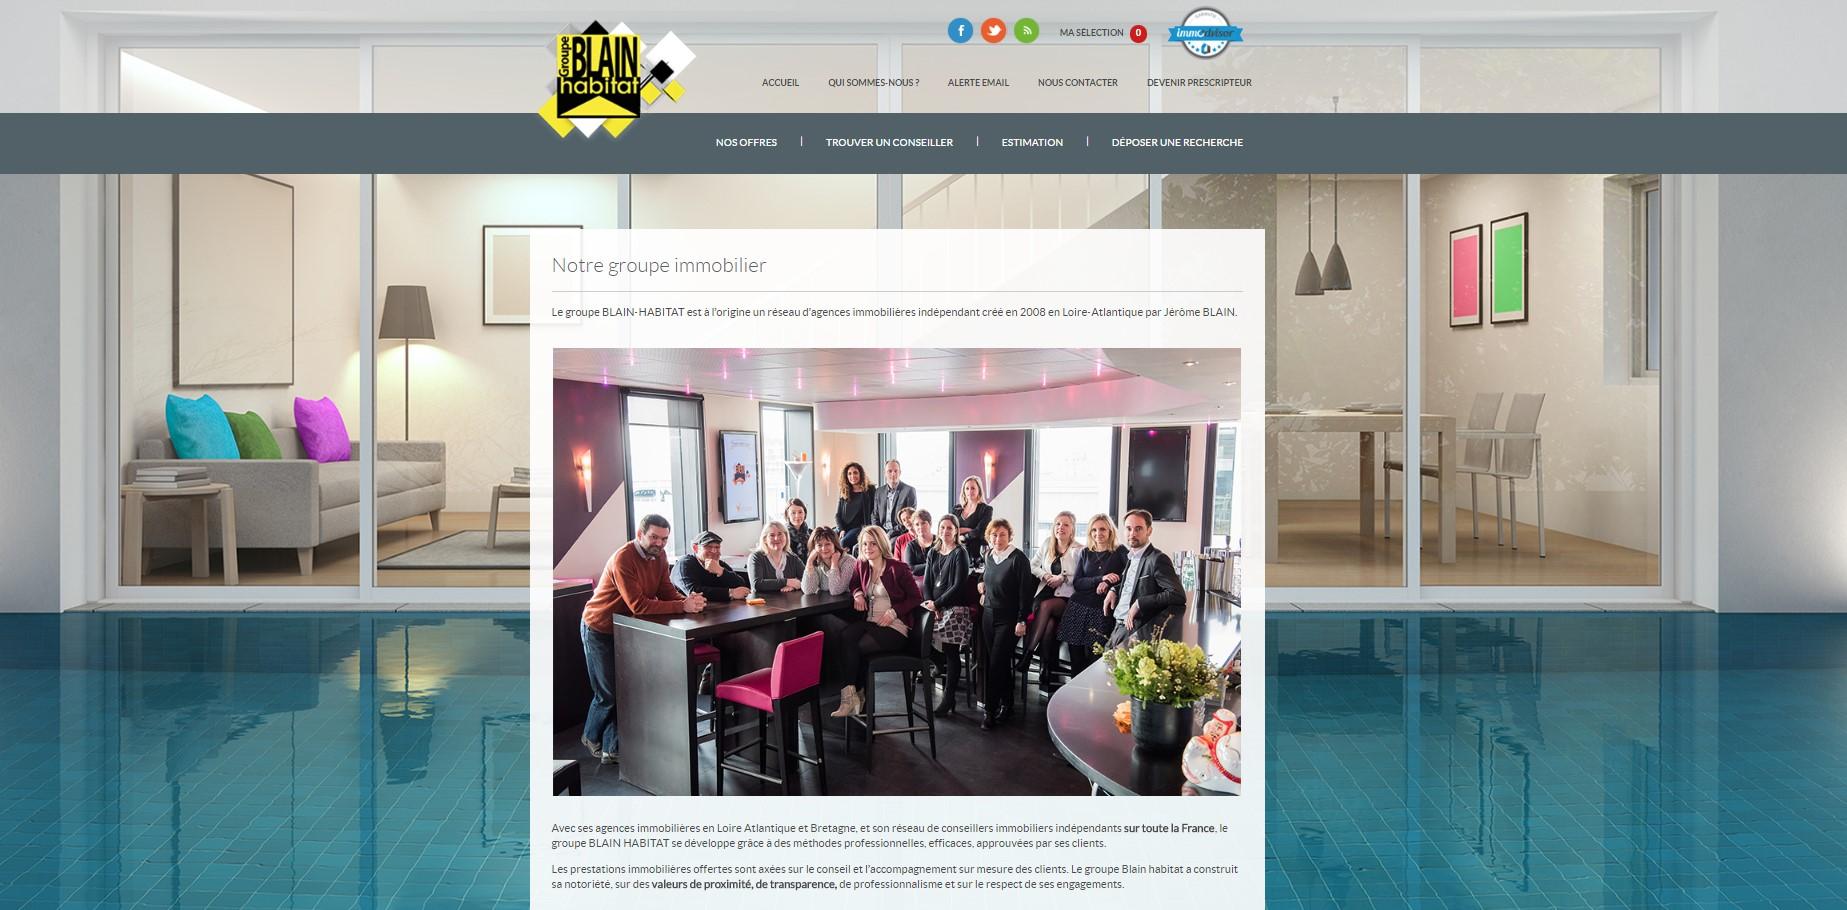 page présentation de l'agence immobiliere site immobilier Blain immobilier